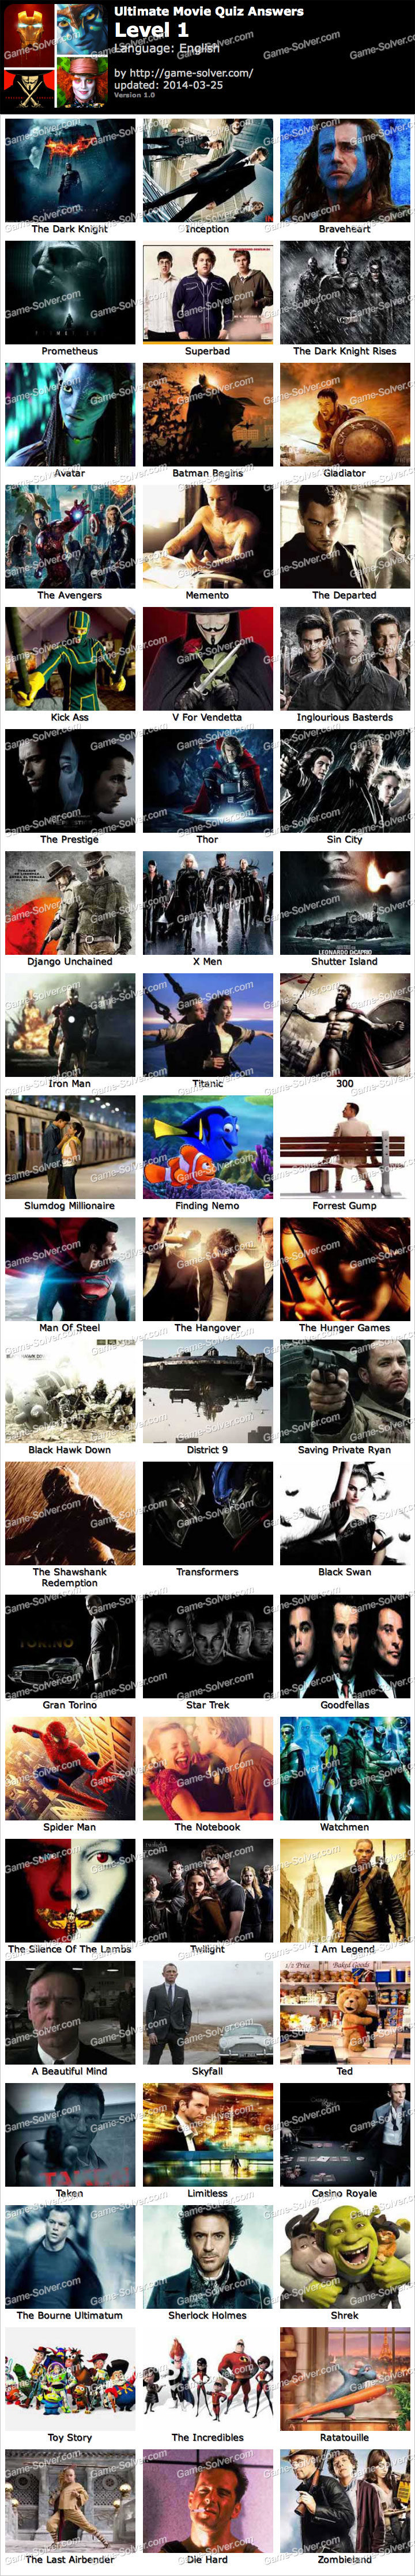 Ultimate Movie Quiz Level 1